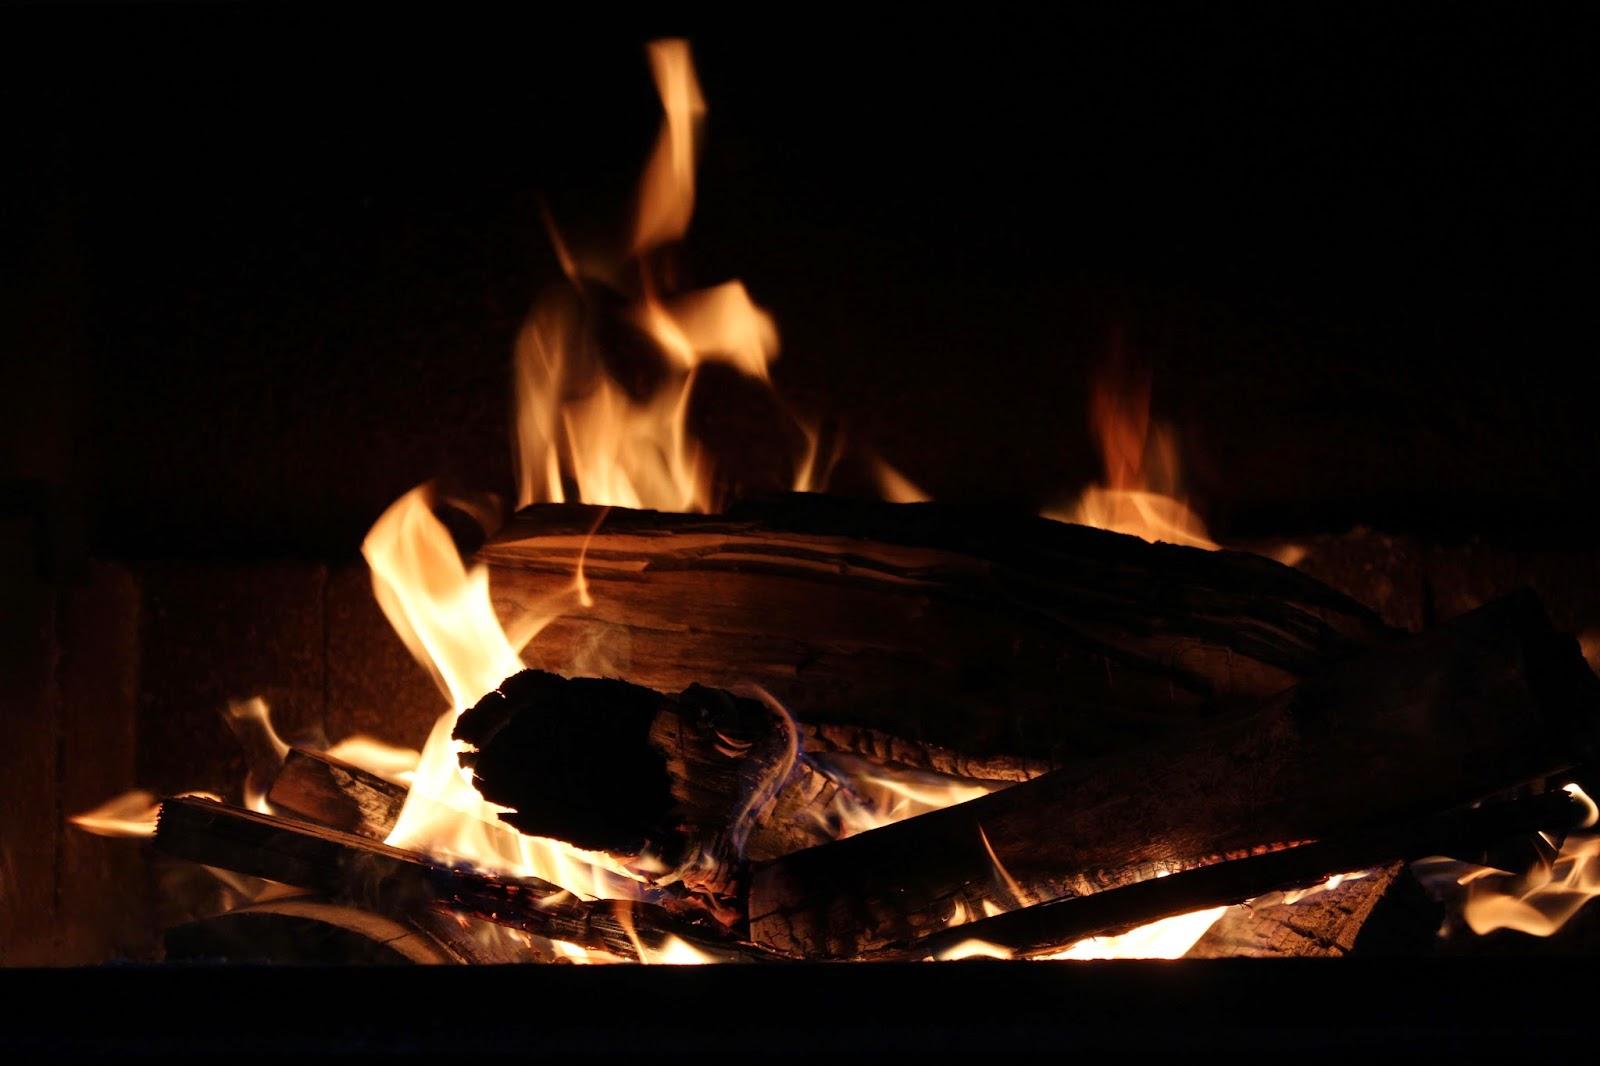 Ensayo sobre la chimenea cosas que me pasan - Fuego decorativo para chimeneas ...